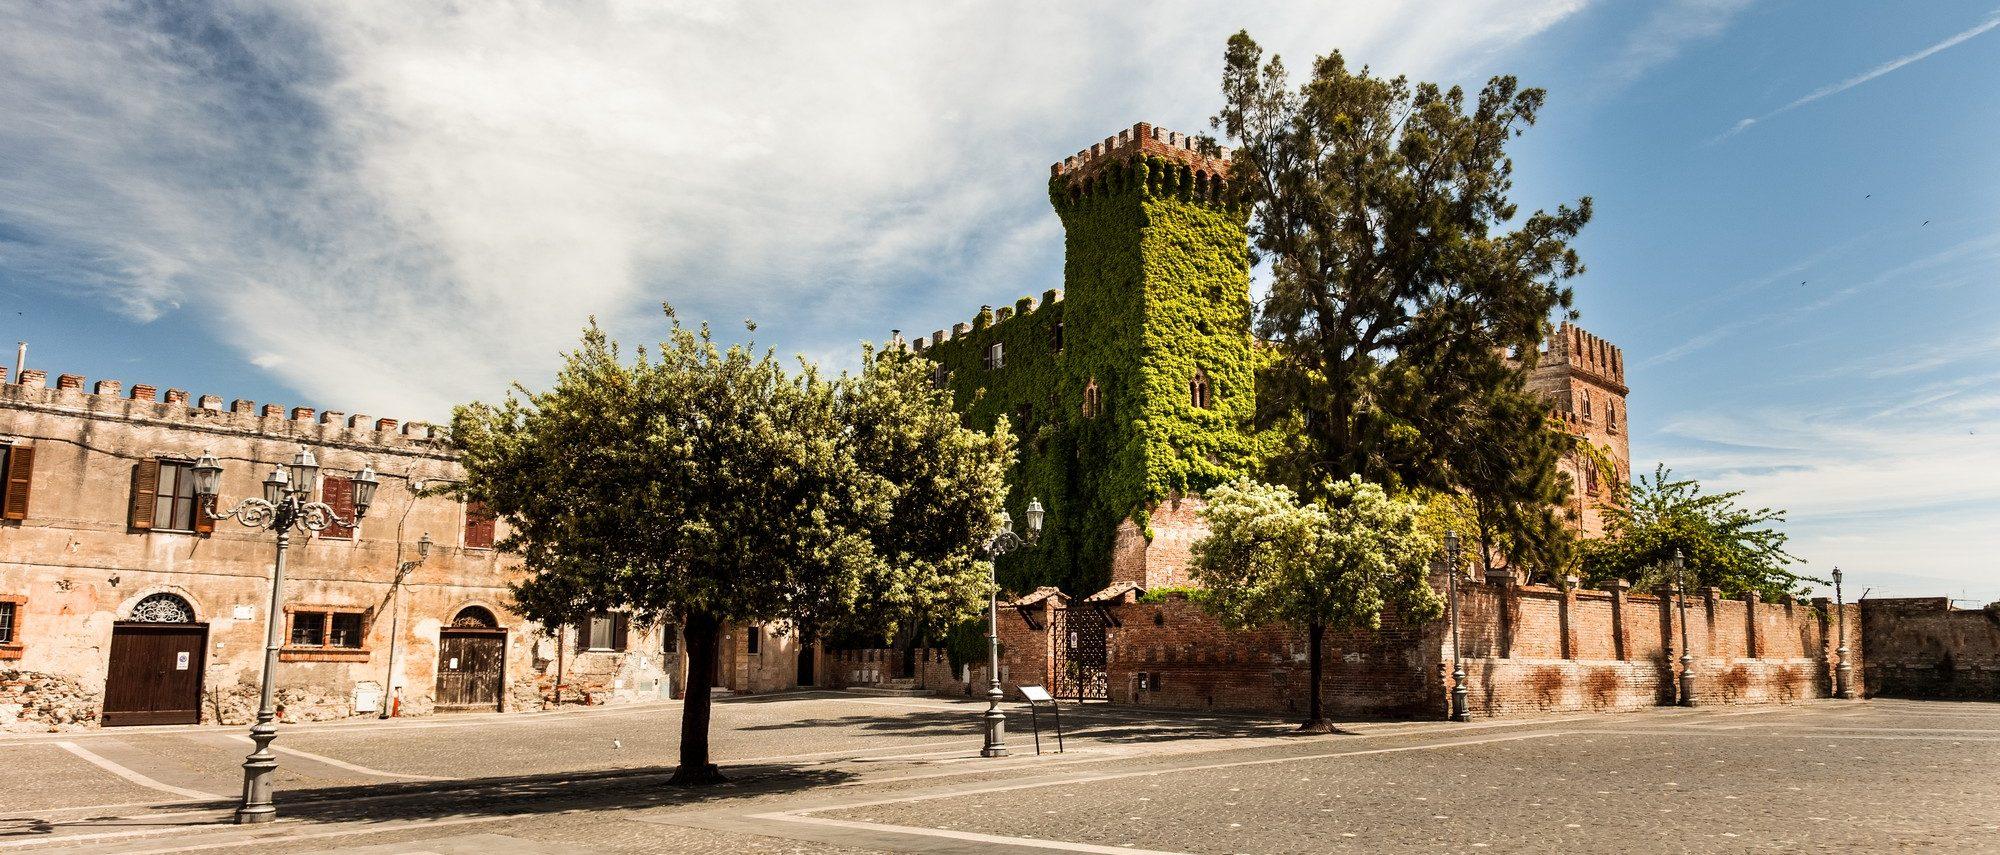 Castello Orsini_Montalto di Castro